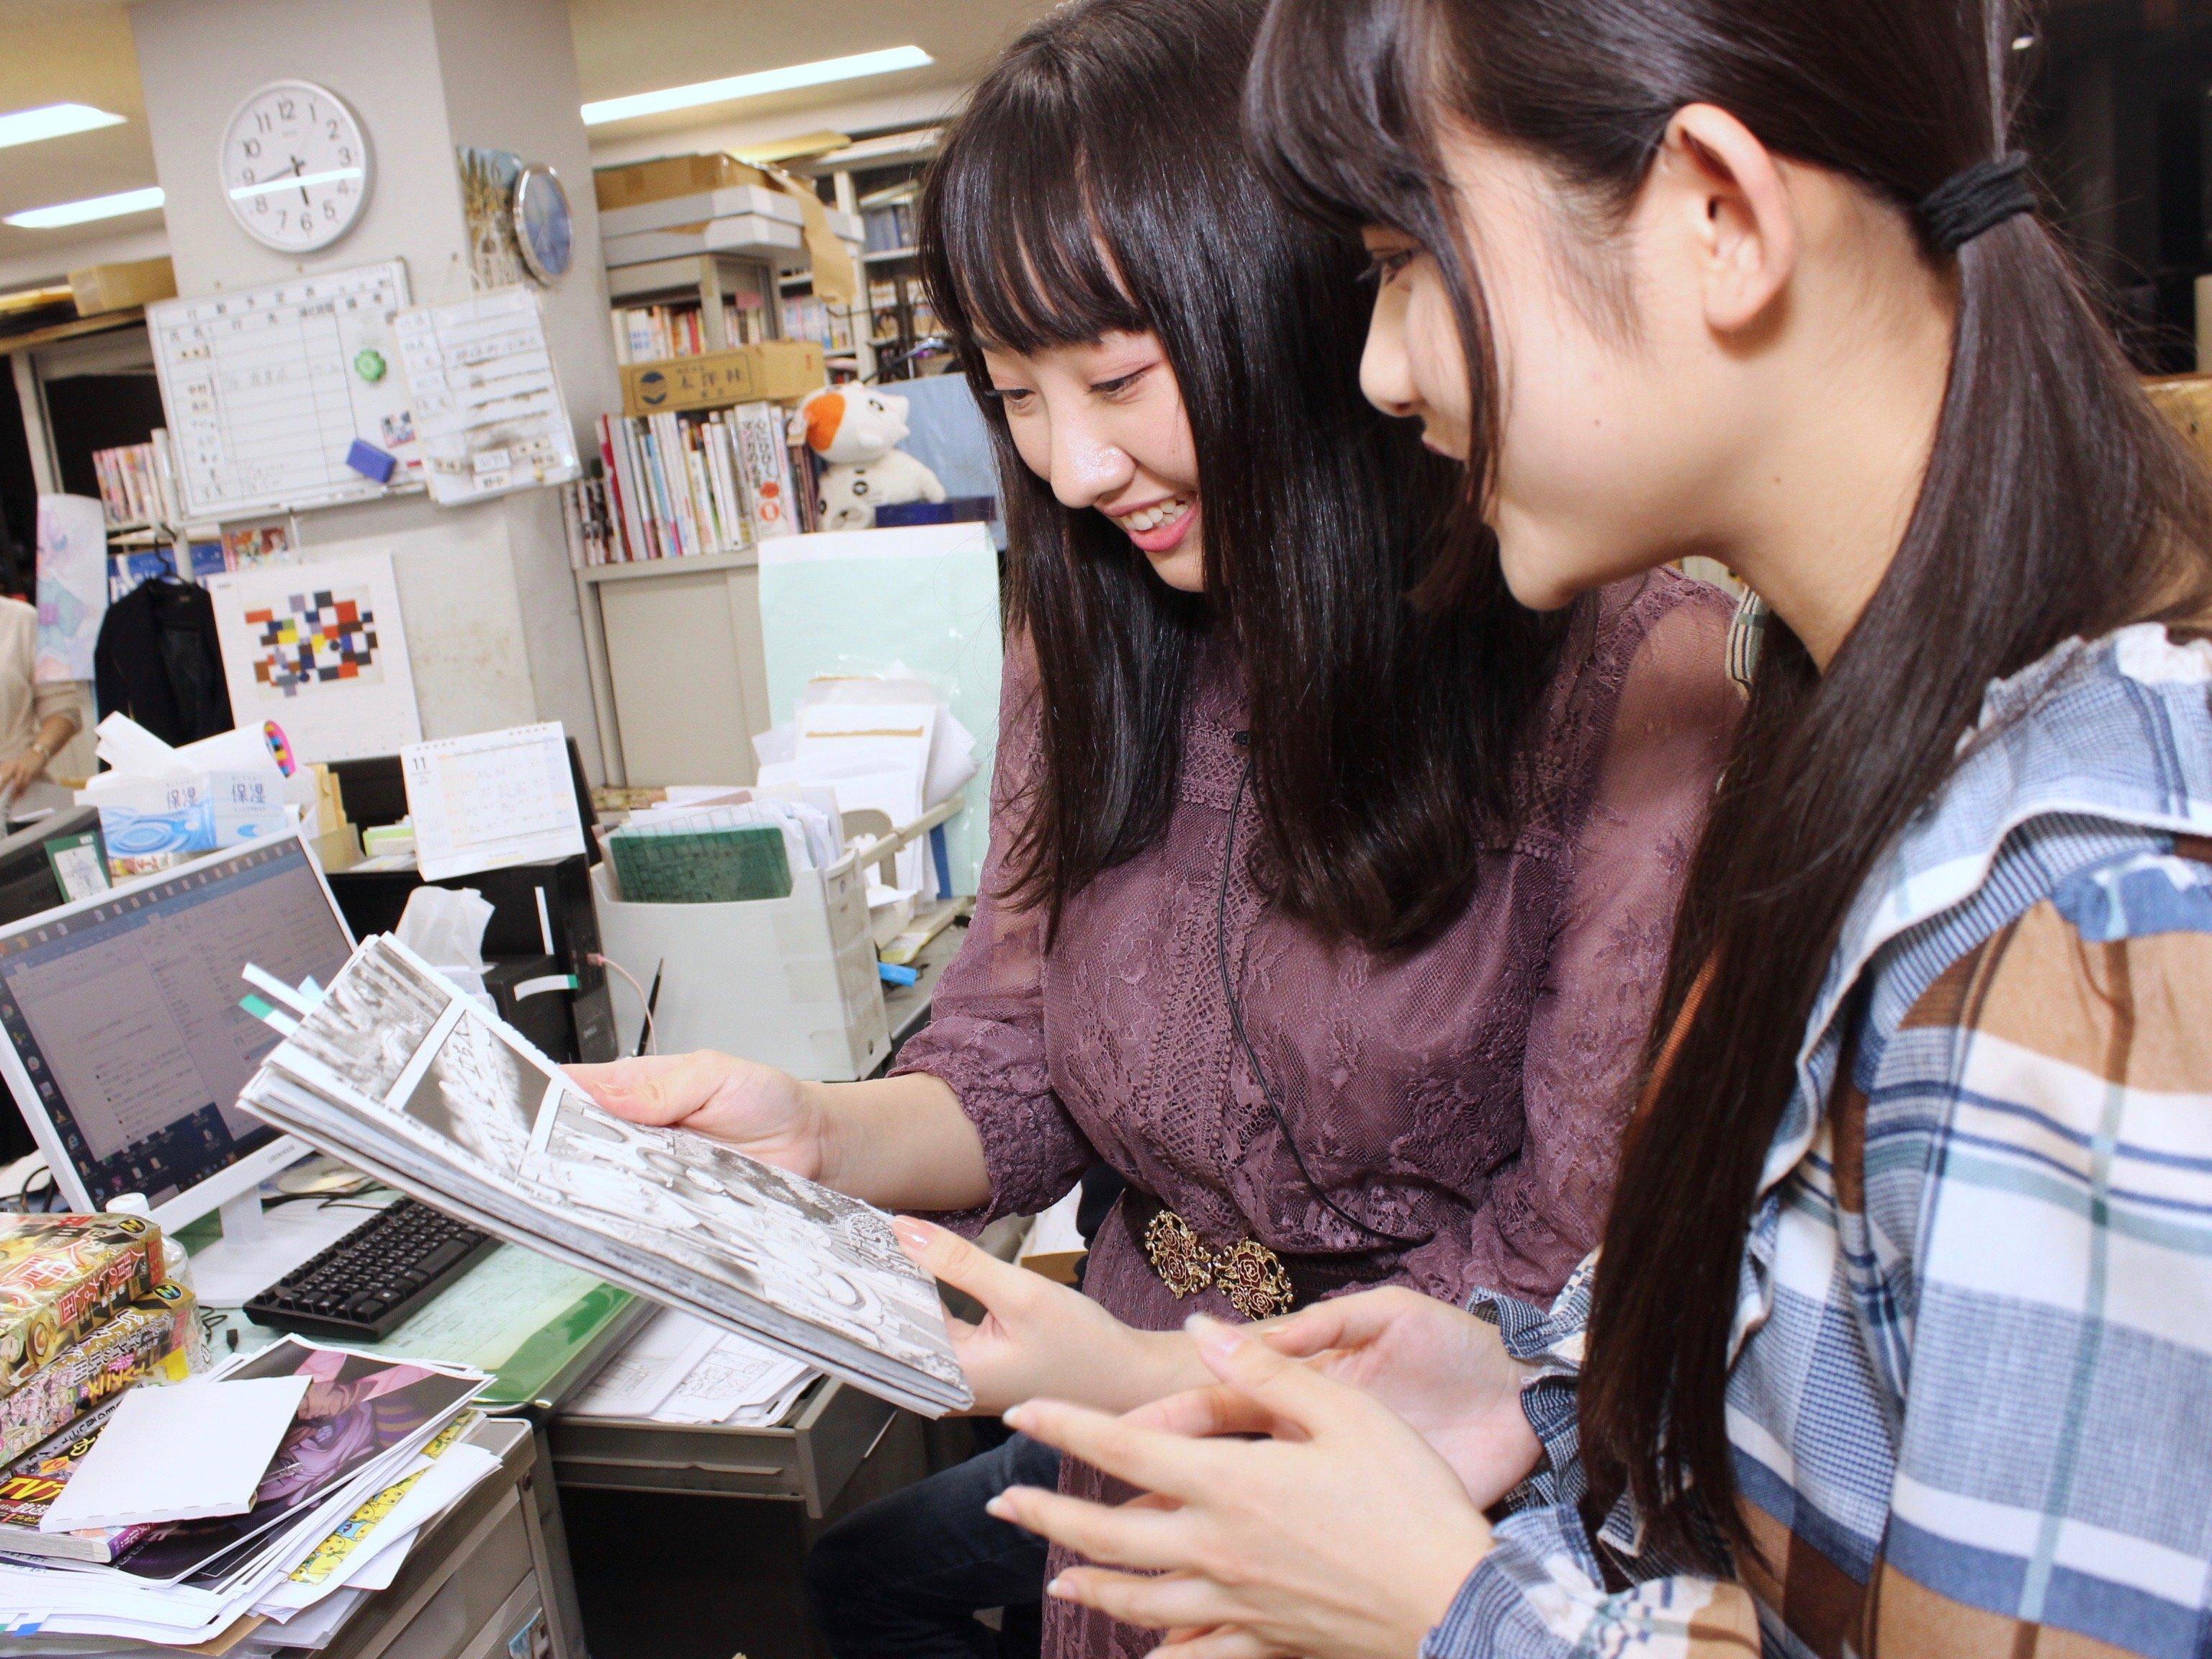 A応P・堤雪菜&工藤ひなきが『つぐもも』編集部を訪問! BL漫画の生ネームに興奮!の画像001